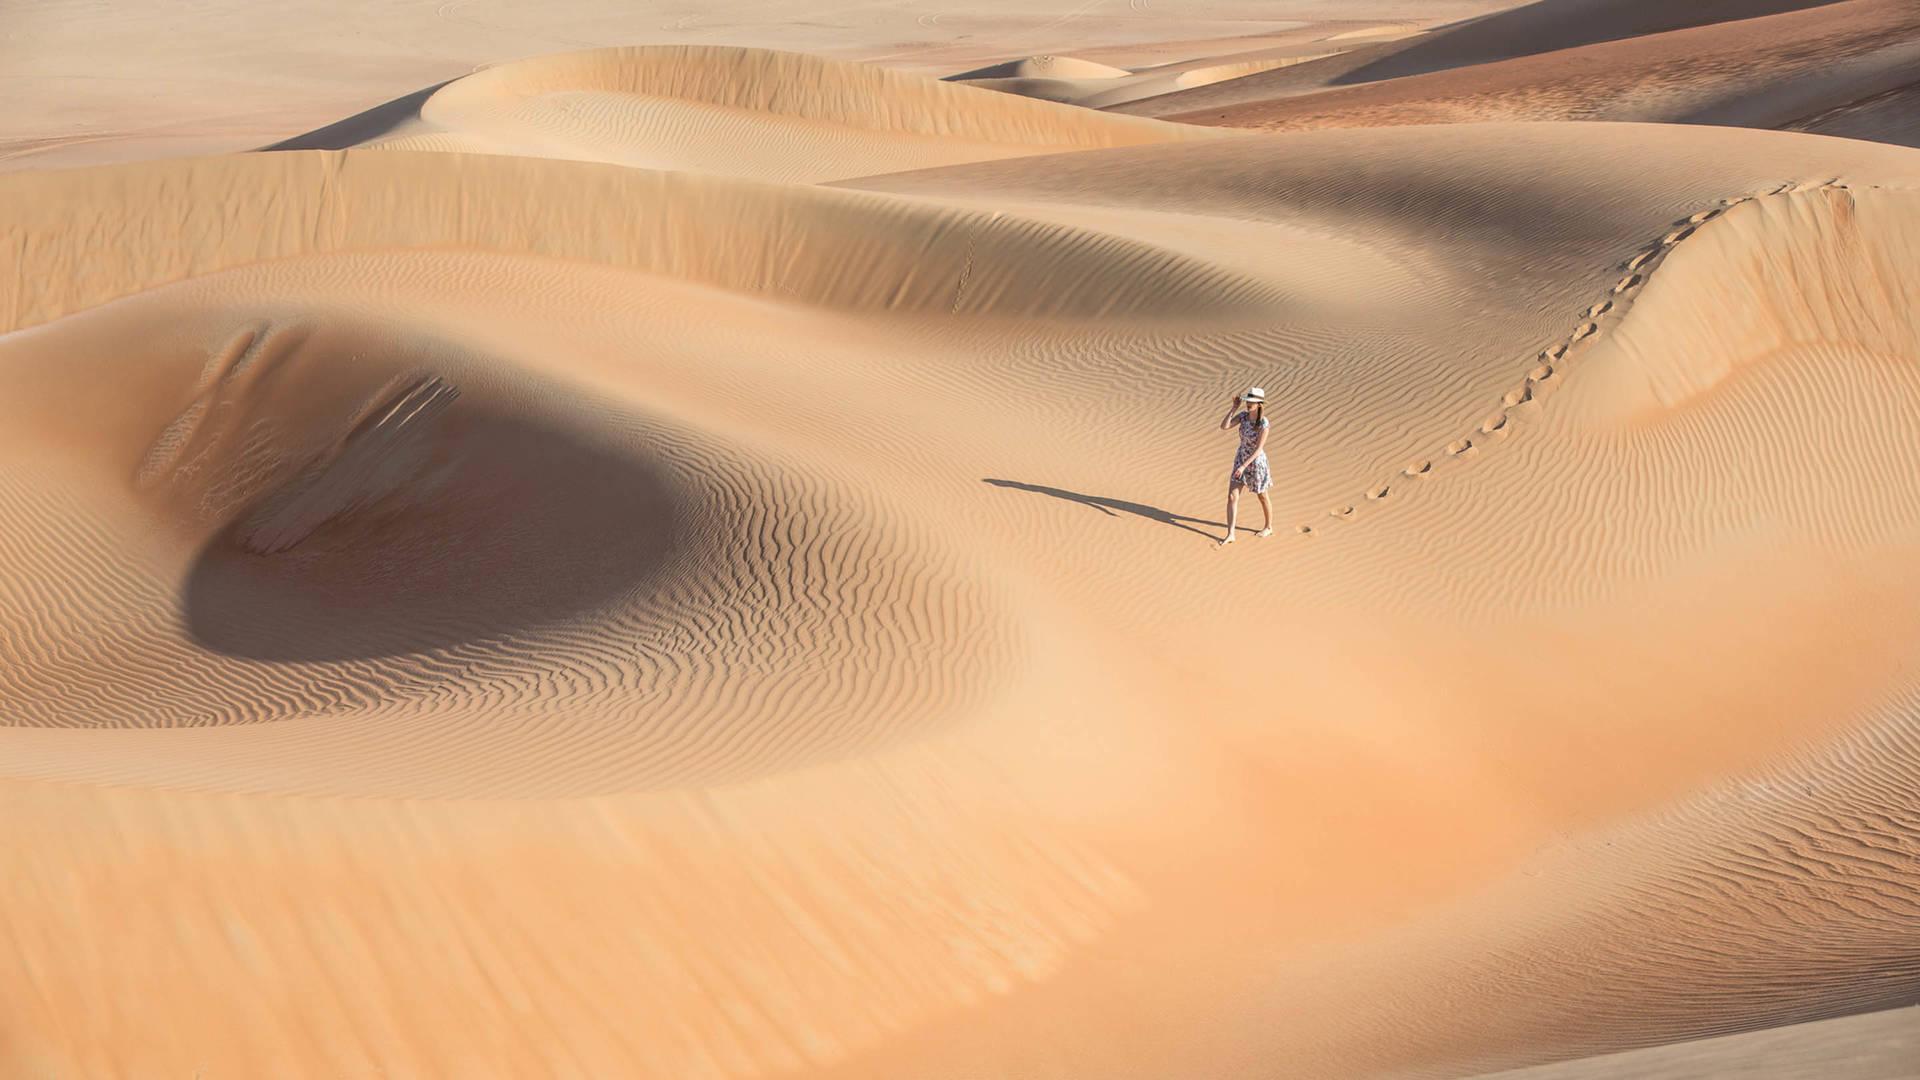 سيدة في زيارة لصحراء الربع الخالي في عُمان